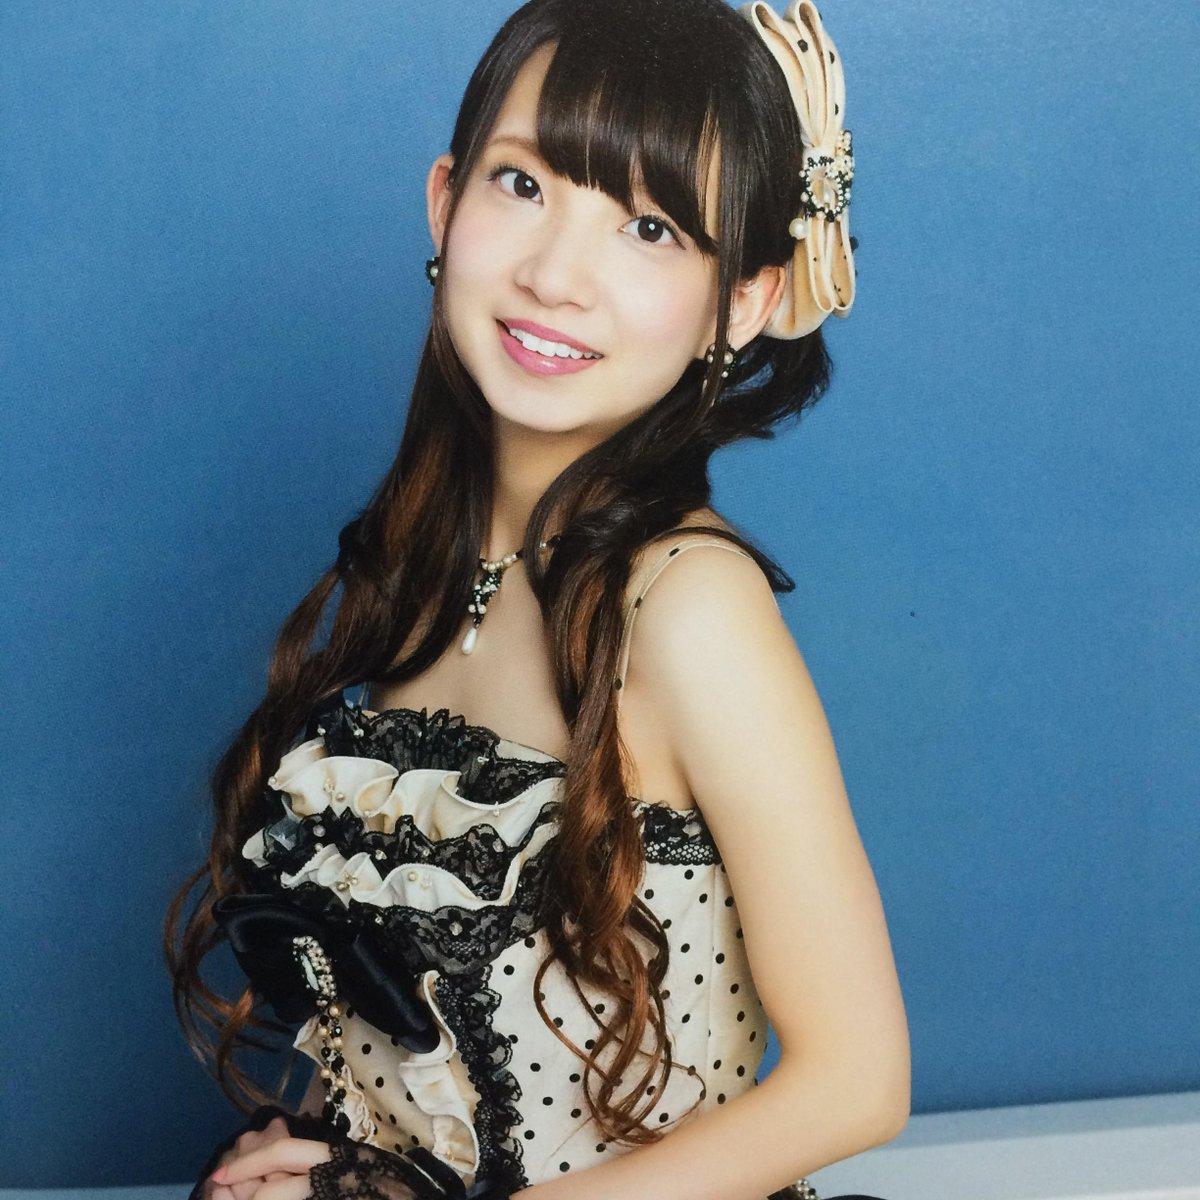 【朗報】声優 大久保瑠美ちゃんの七変化姿が愛おしいほど可愛いwww